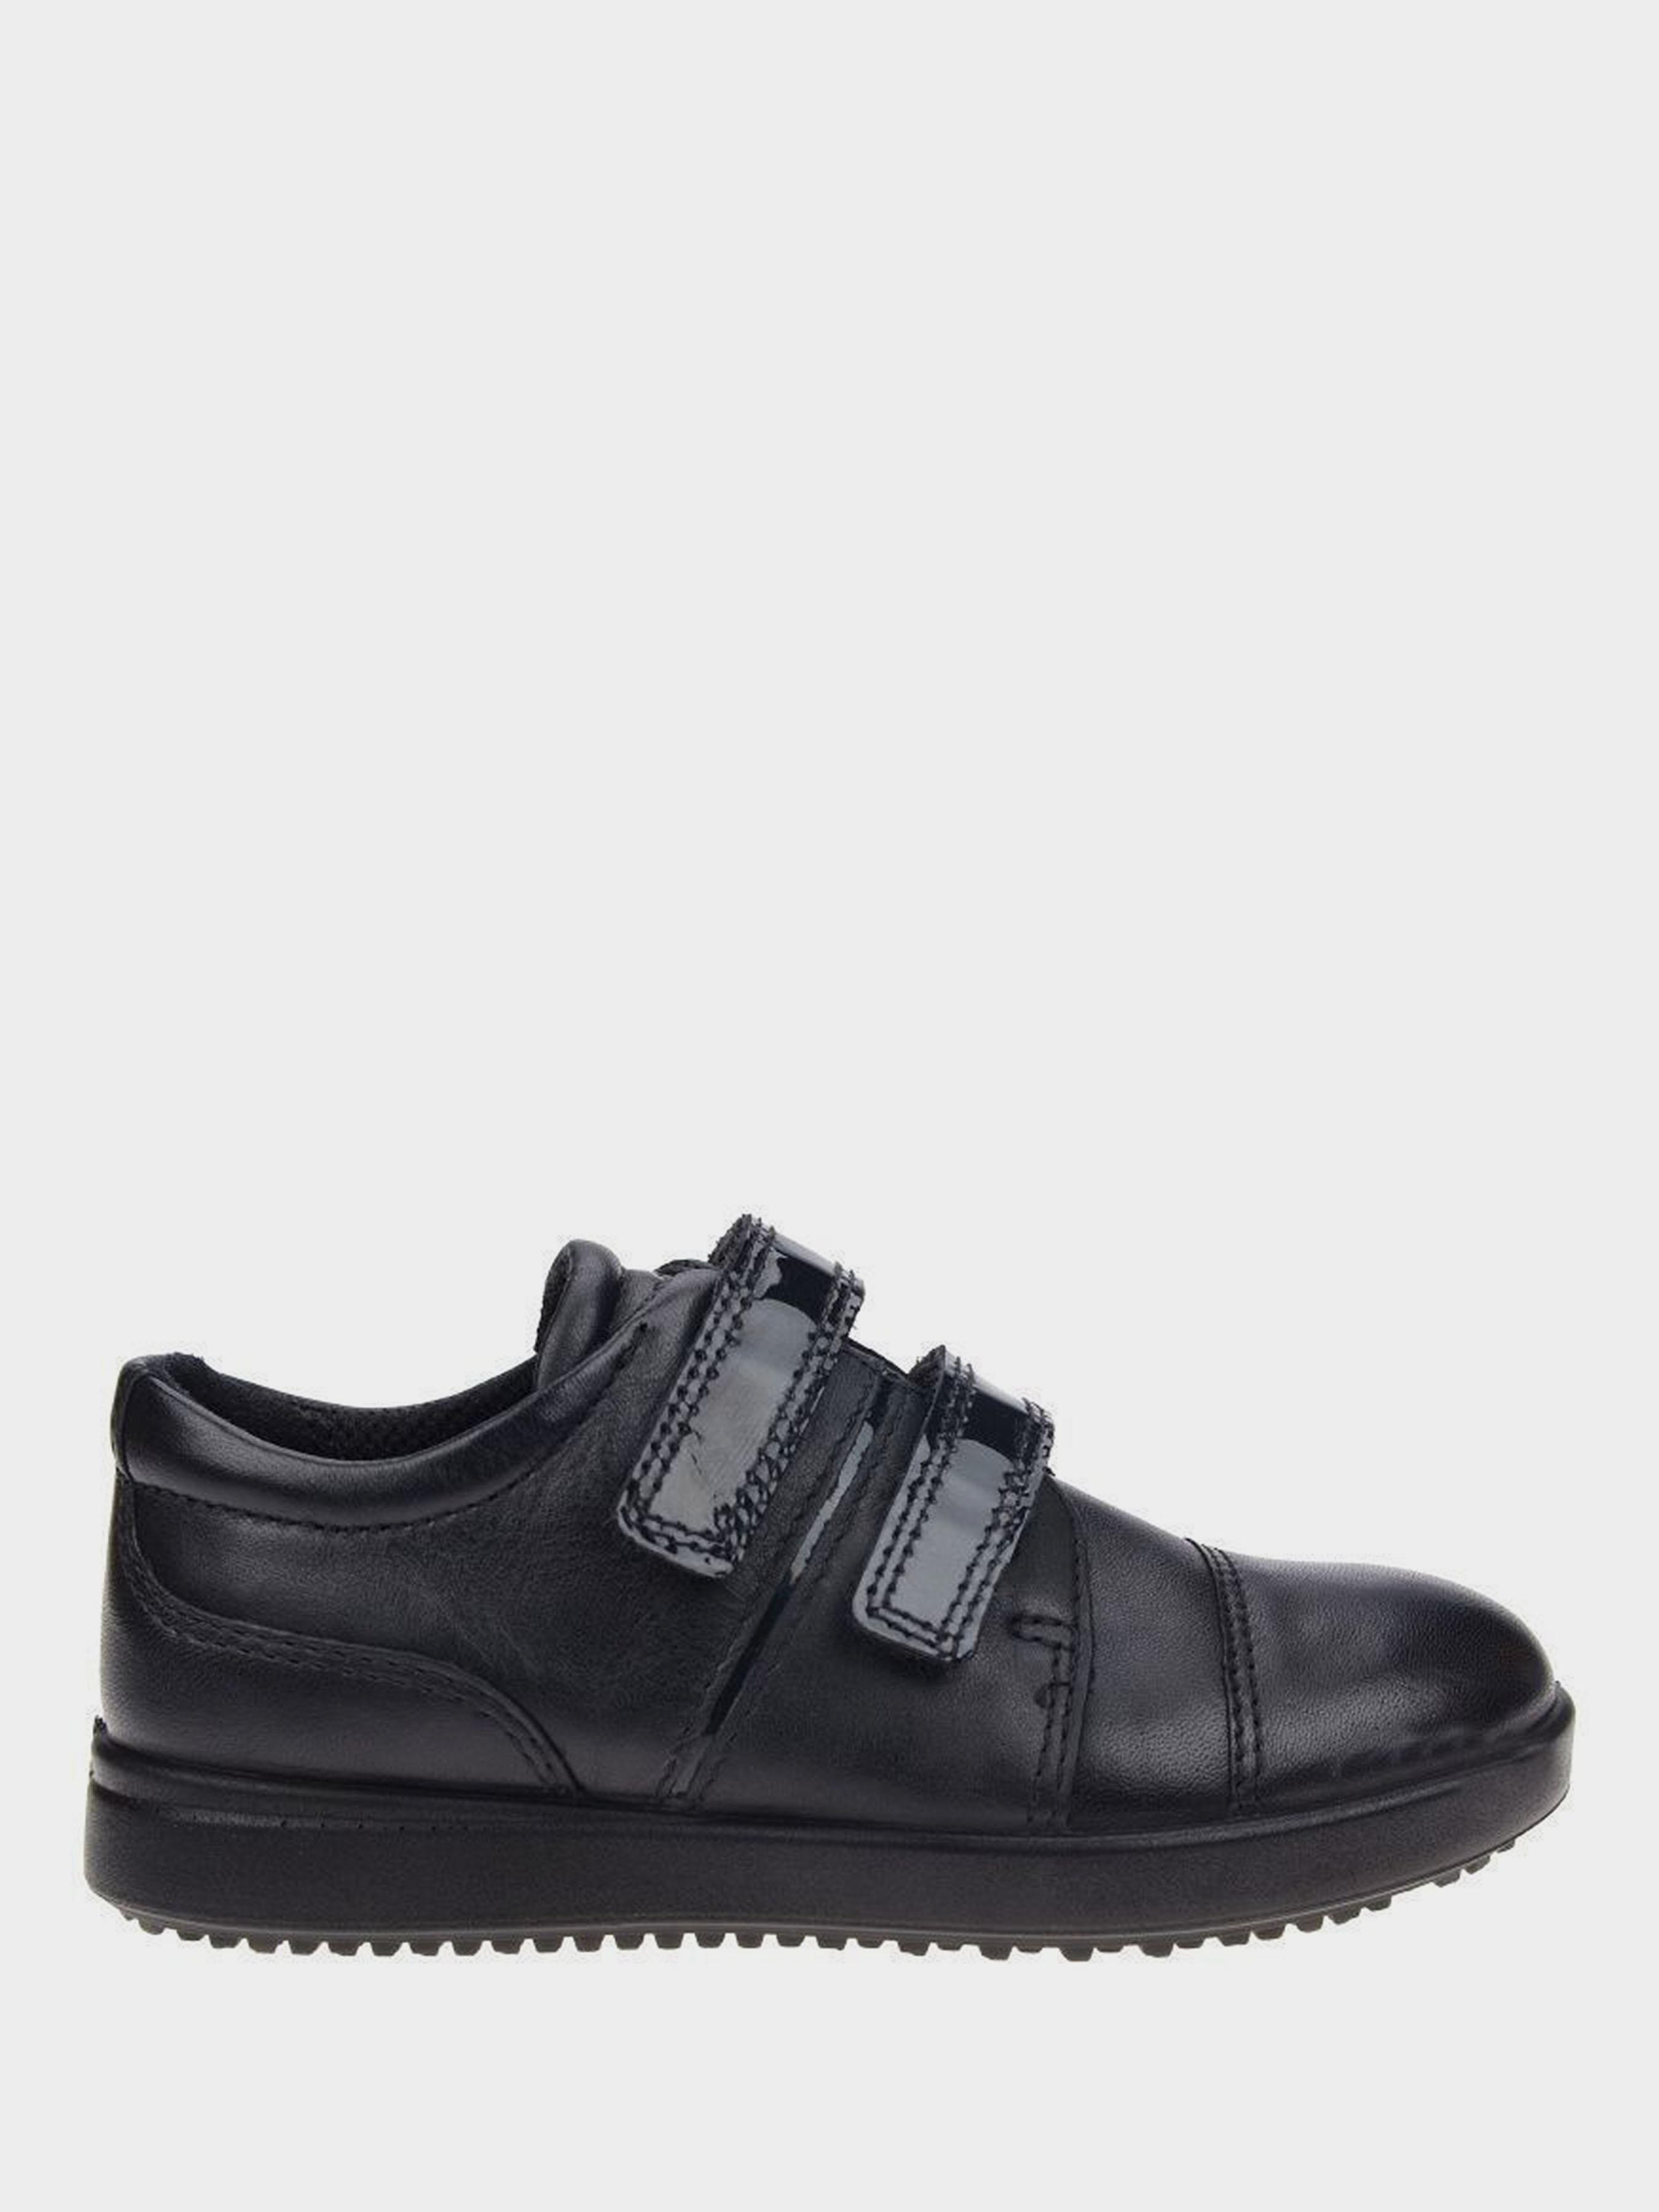 Полуботинки для детей ECCO ELLI ZK3239 модная обувь, 2017